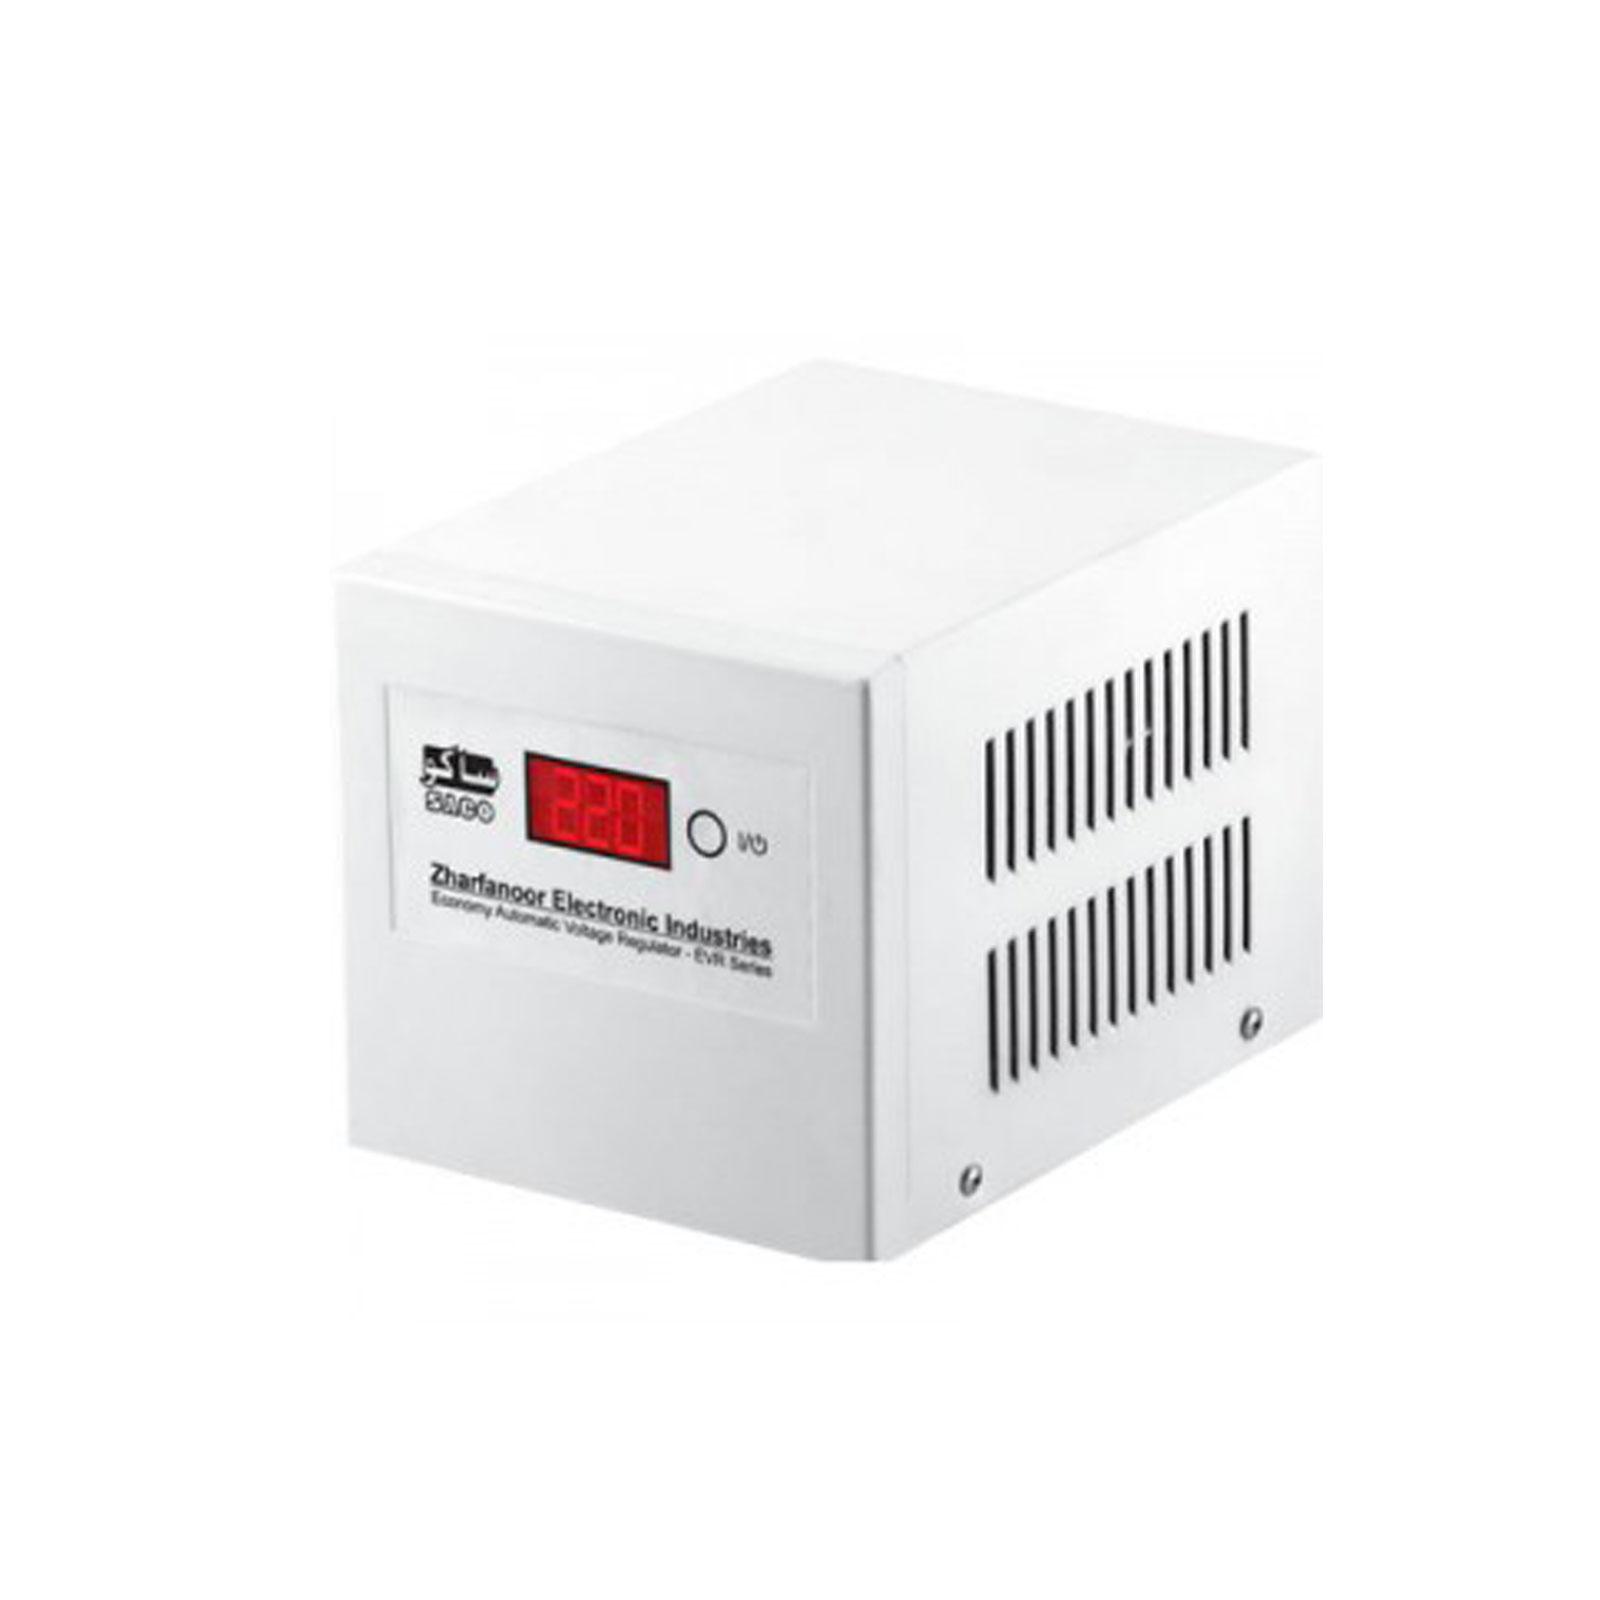 ترانس اتوماتیک دیجیتال ساکو تک فاز مدل EVR-3000